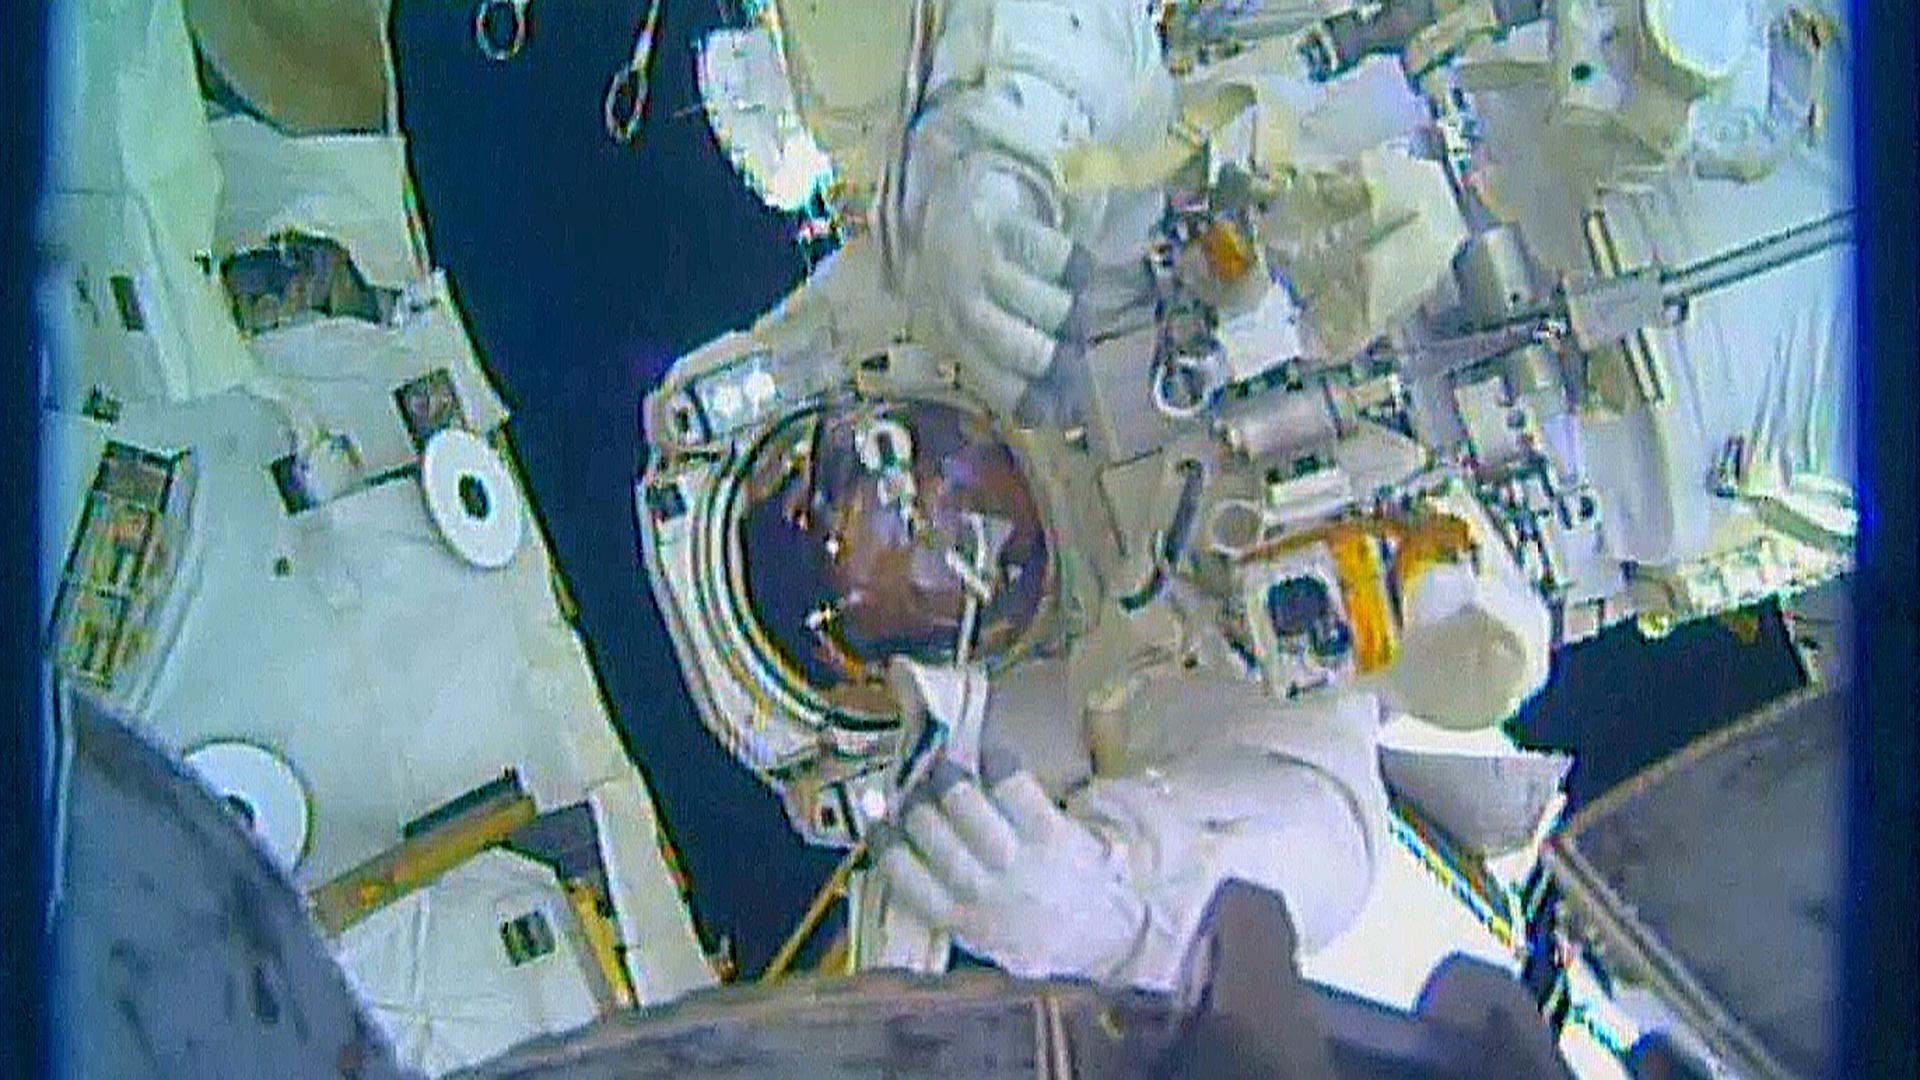 After Spacewalk, Astronaut Reports Water in Helmet